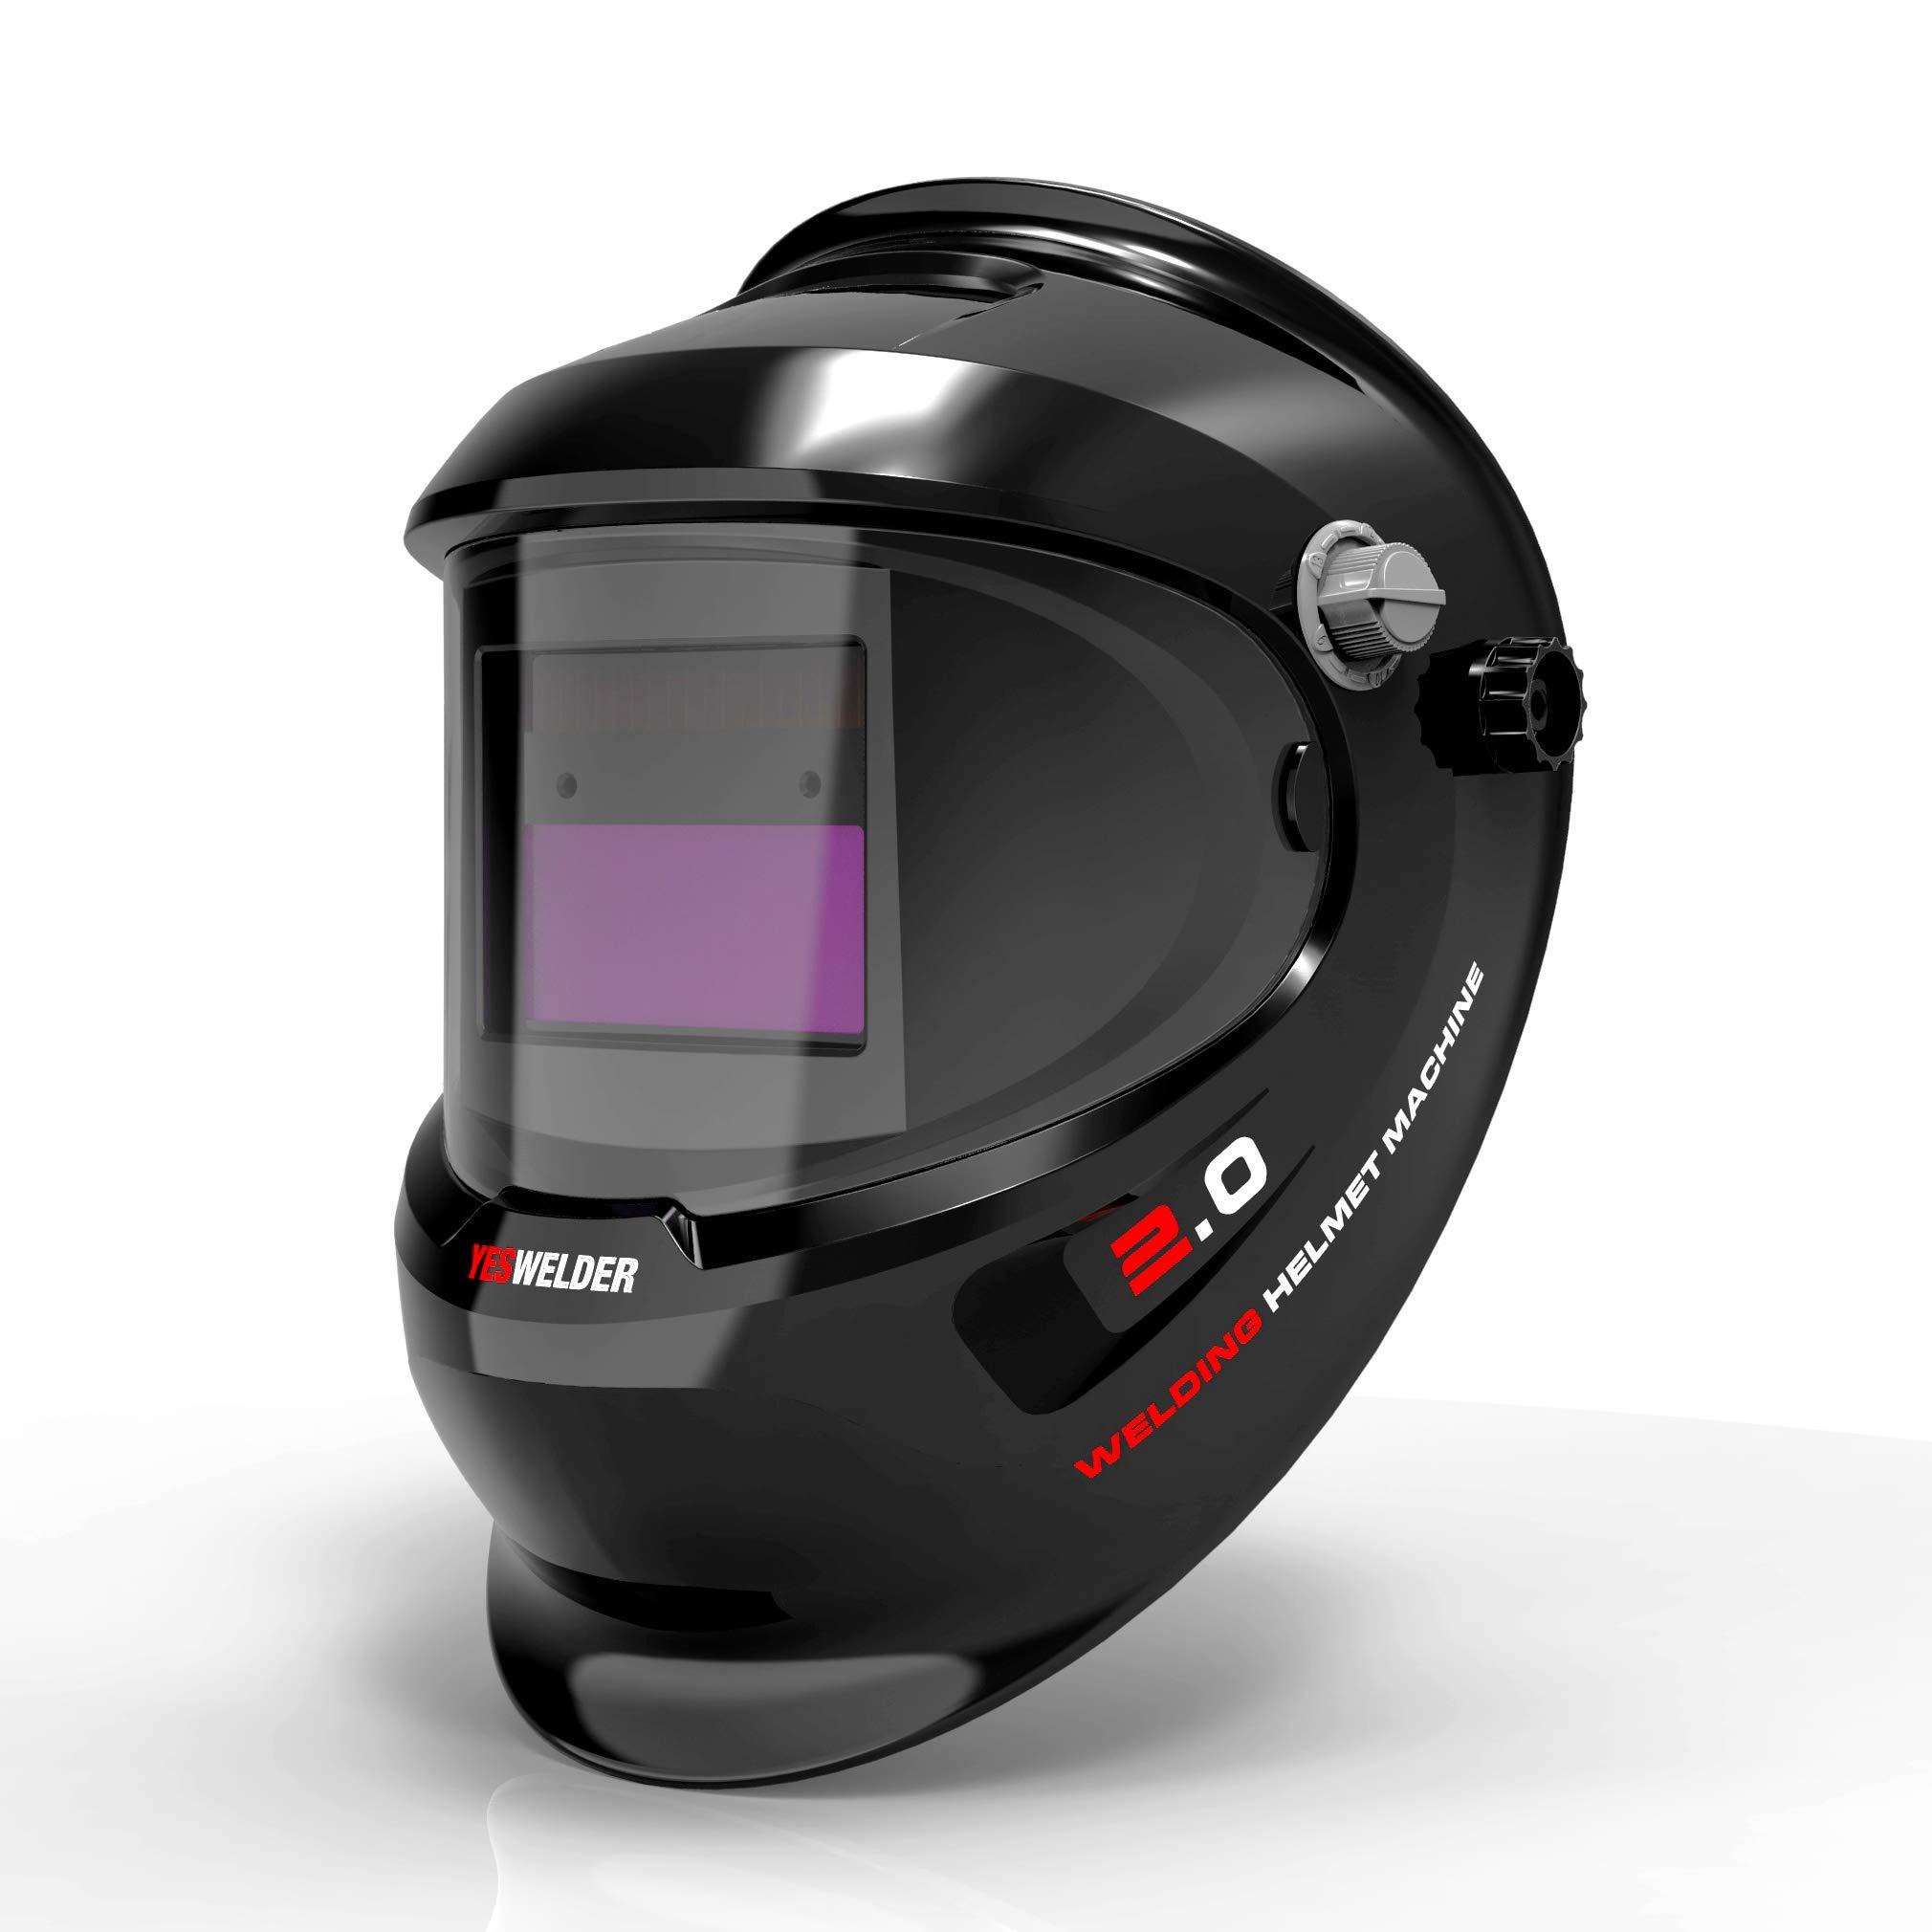 YESWELDER True Color Solar Power Auto Darkening Welding Helmet,2 Arc Sensor 4/5-9 Welder Mask for TIG MIG Arc Weld Grinding Weld Hood by YESWELDER